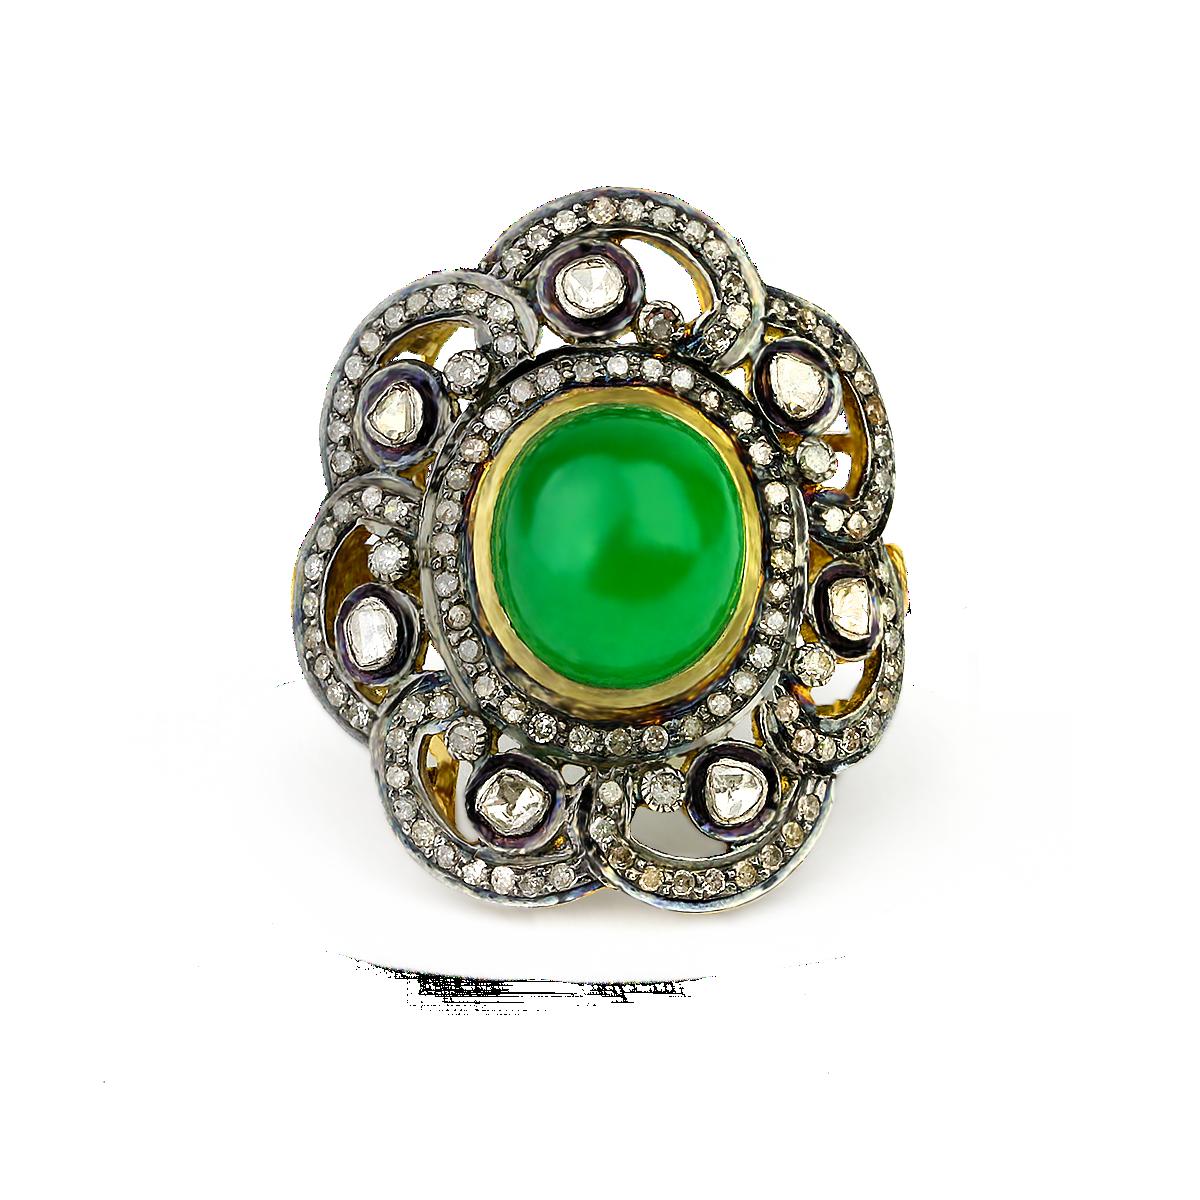 Kurtulan con esmeralda anillo verde el fit del cordón del diamante ...